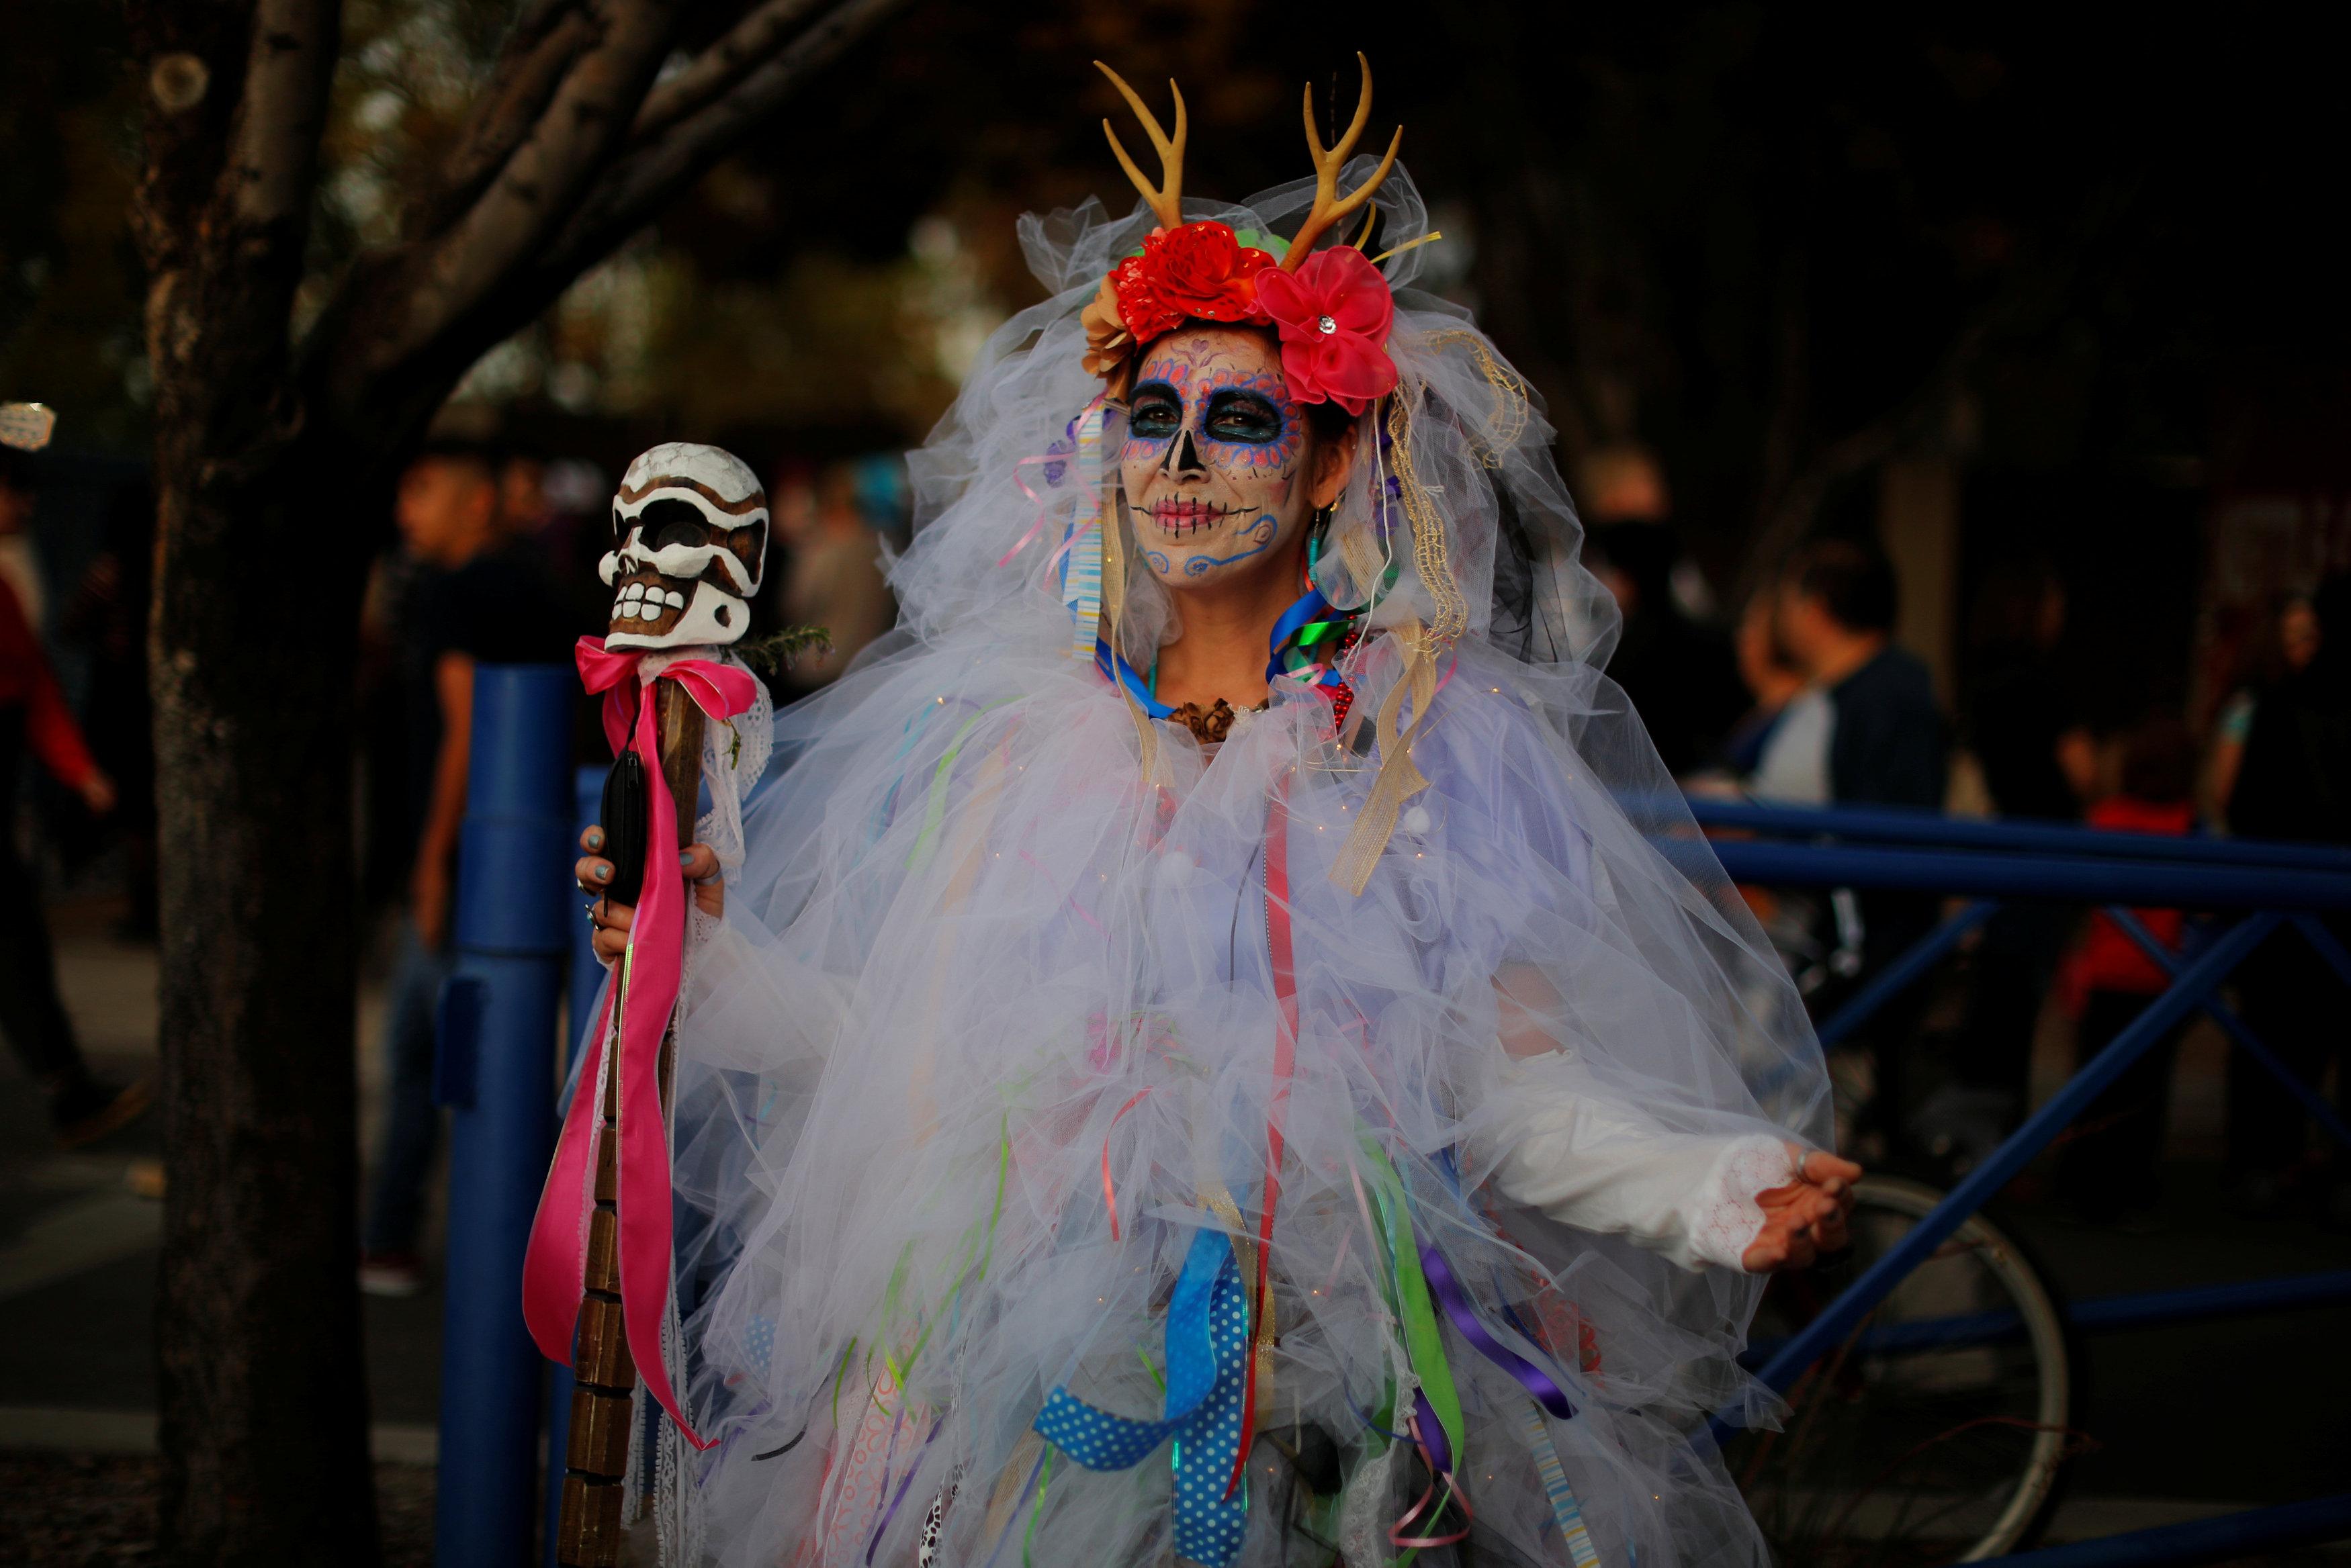 مكسيكيون يحتفلون بـيوم الموتى (5)